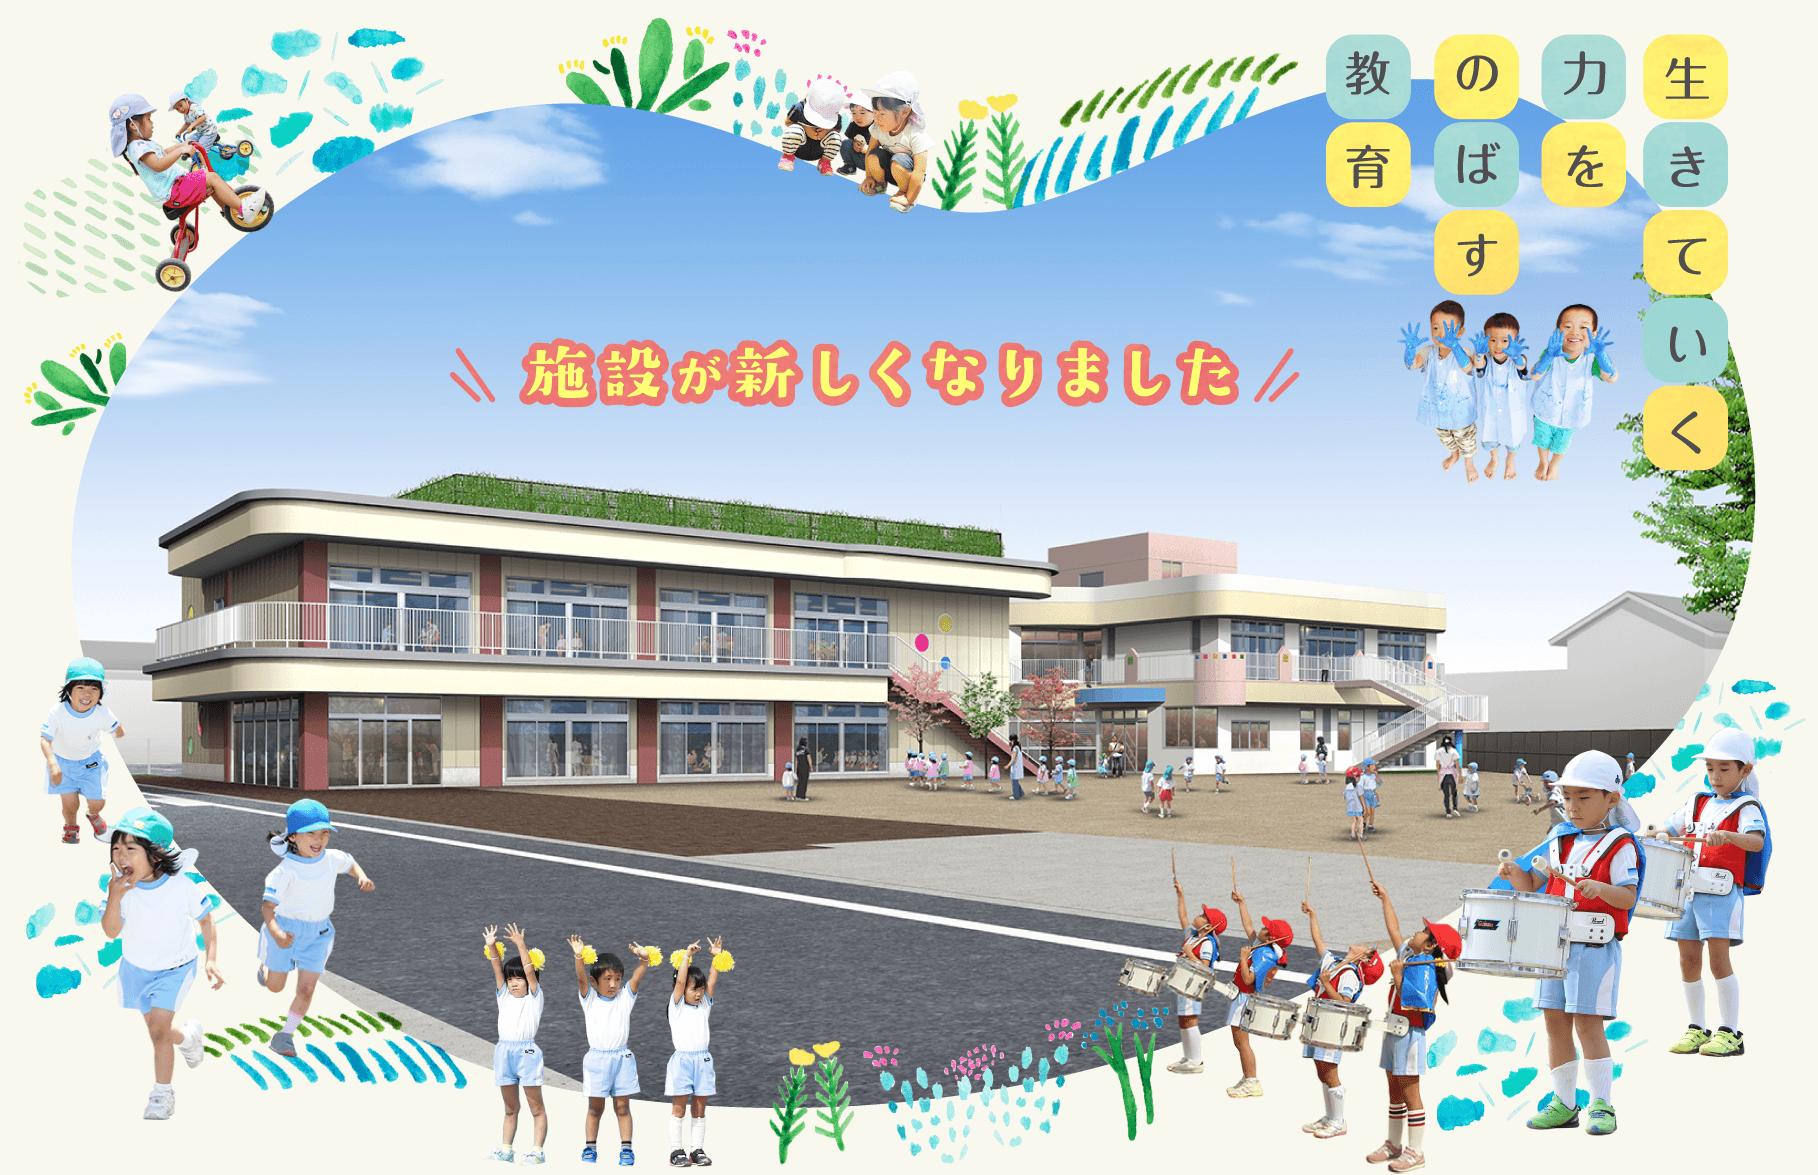 生きていく力をのばす教育 令和3年3月 新園舎完成予定